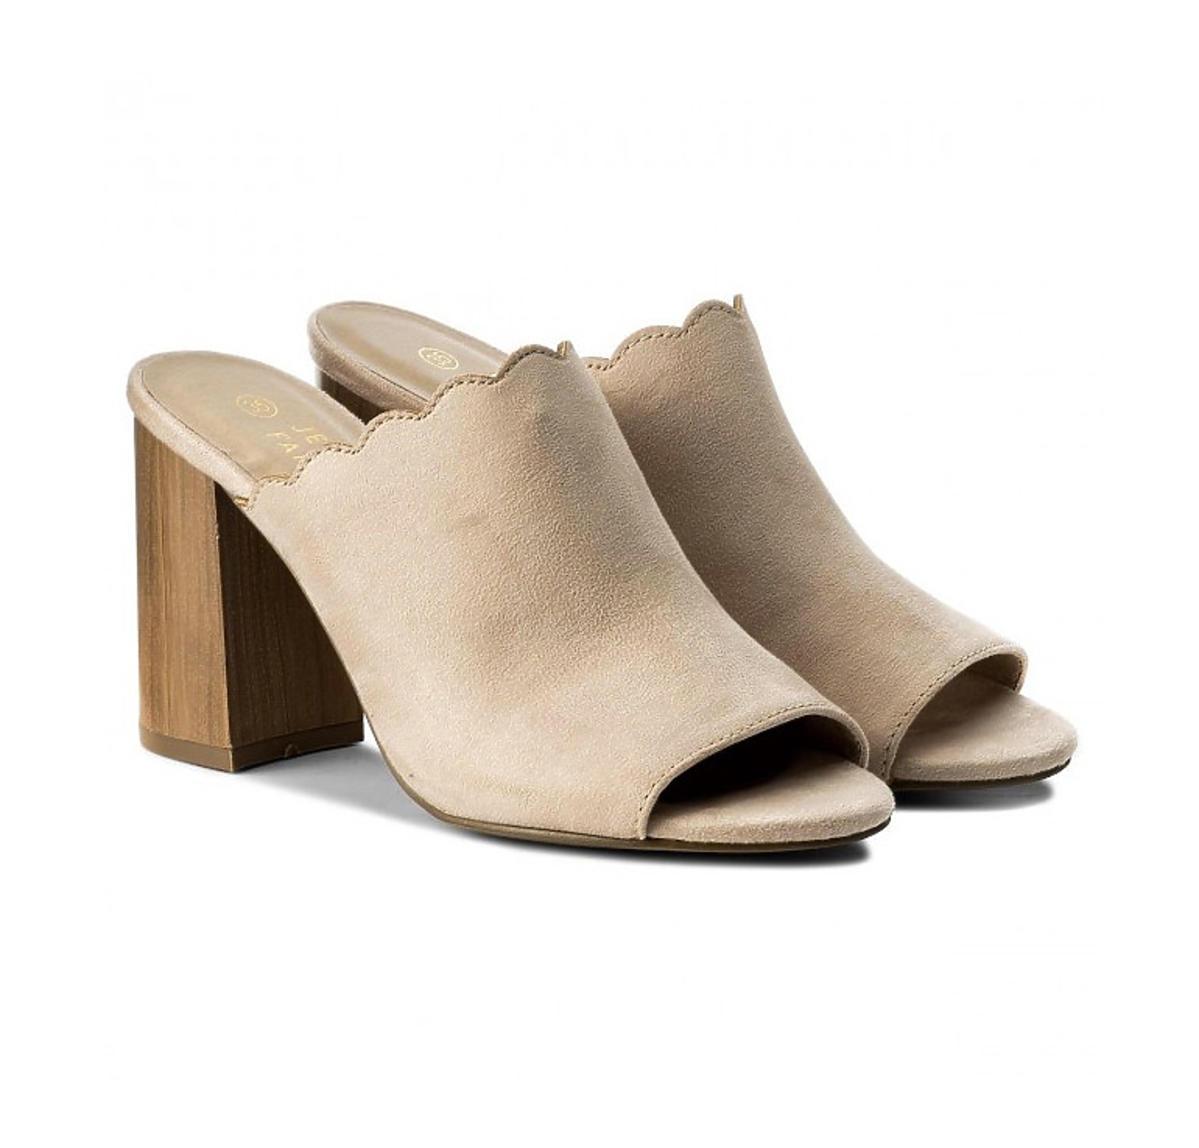 Wyprzedaże lato 2020. Te buty z CCC za 55 złotych wydłużają optycznie nogi i są ultrawygodne!